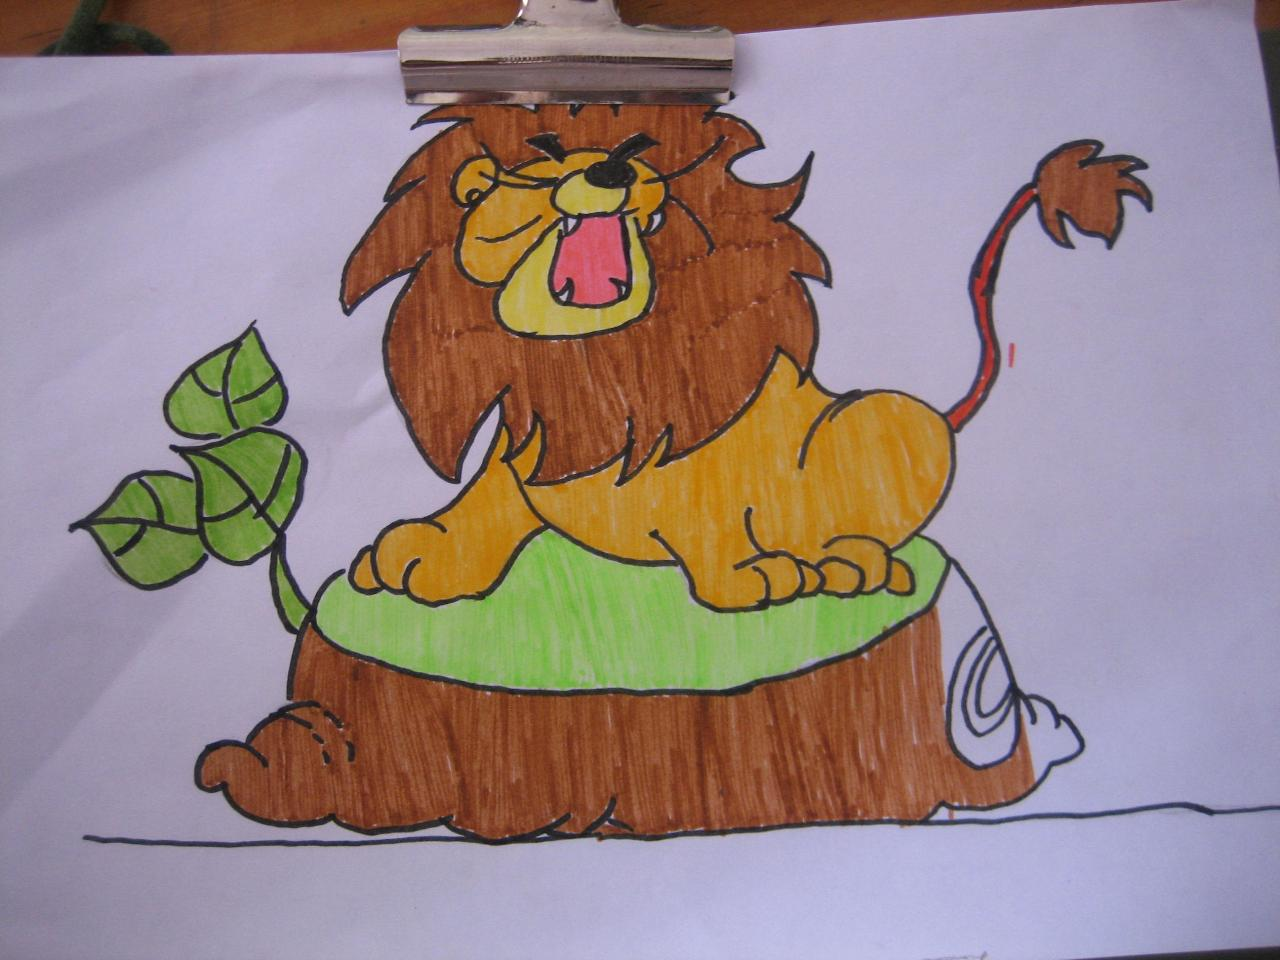 幼儿园愚蠢的狮子教案 幼儿园认识老虎,狮子,猎豹三只的动物教案